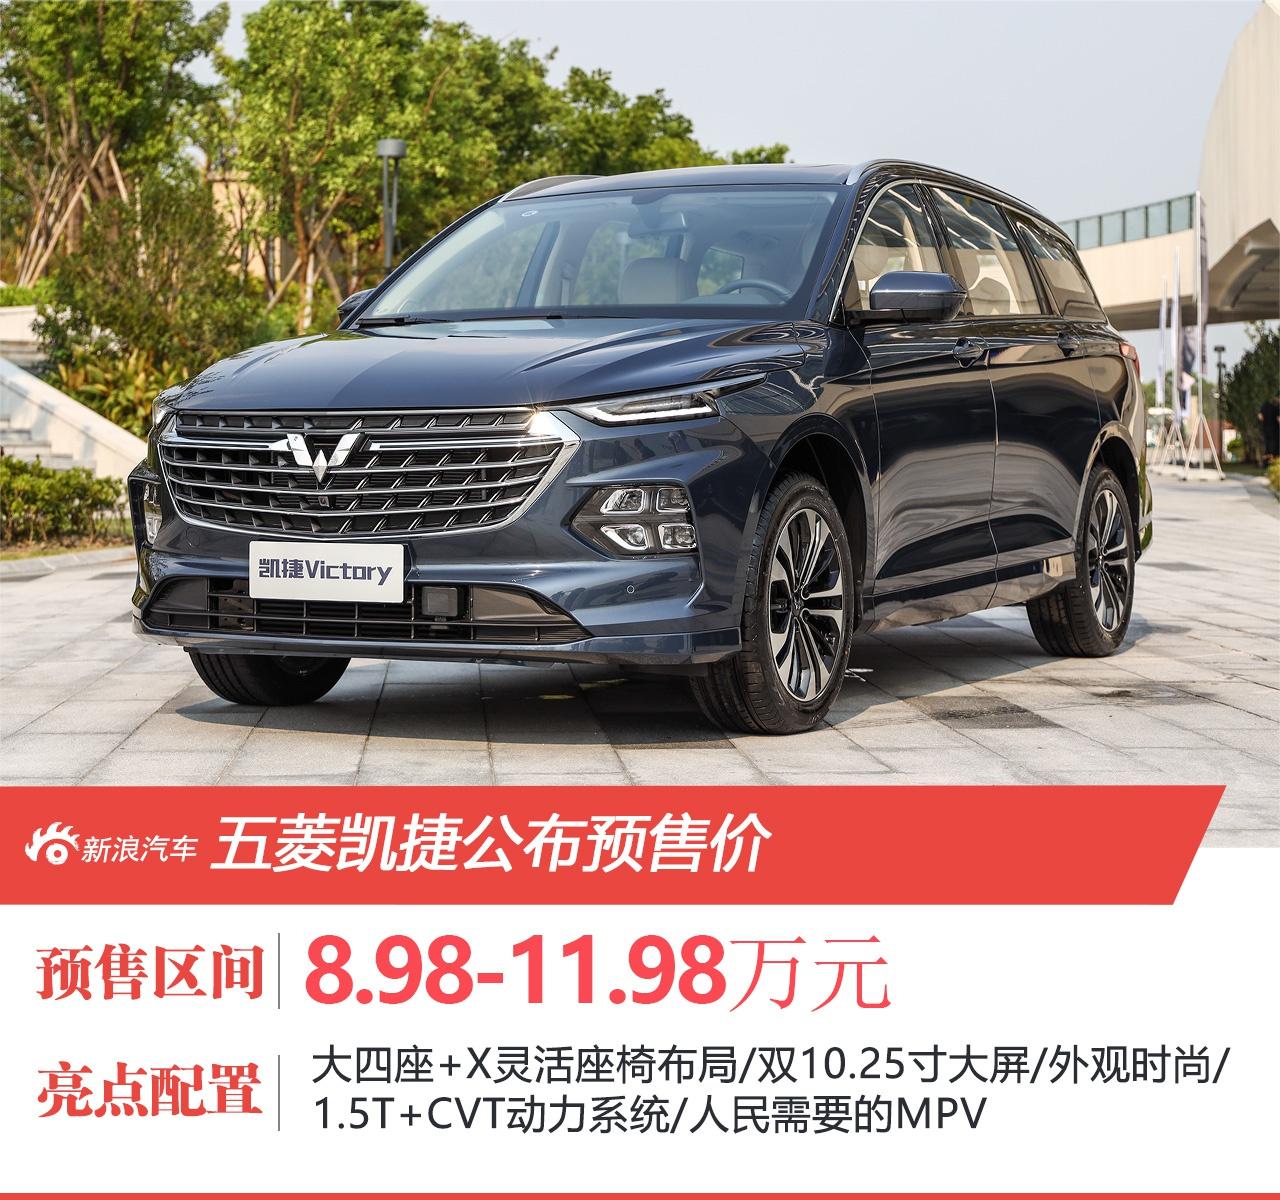 中产气息浓厚 五菱凯捷预售8.98-11.98万元